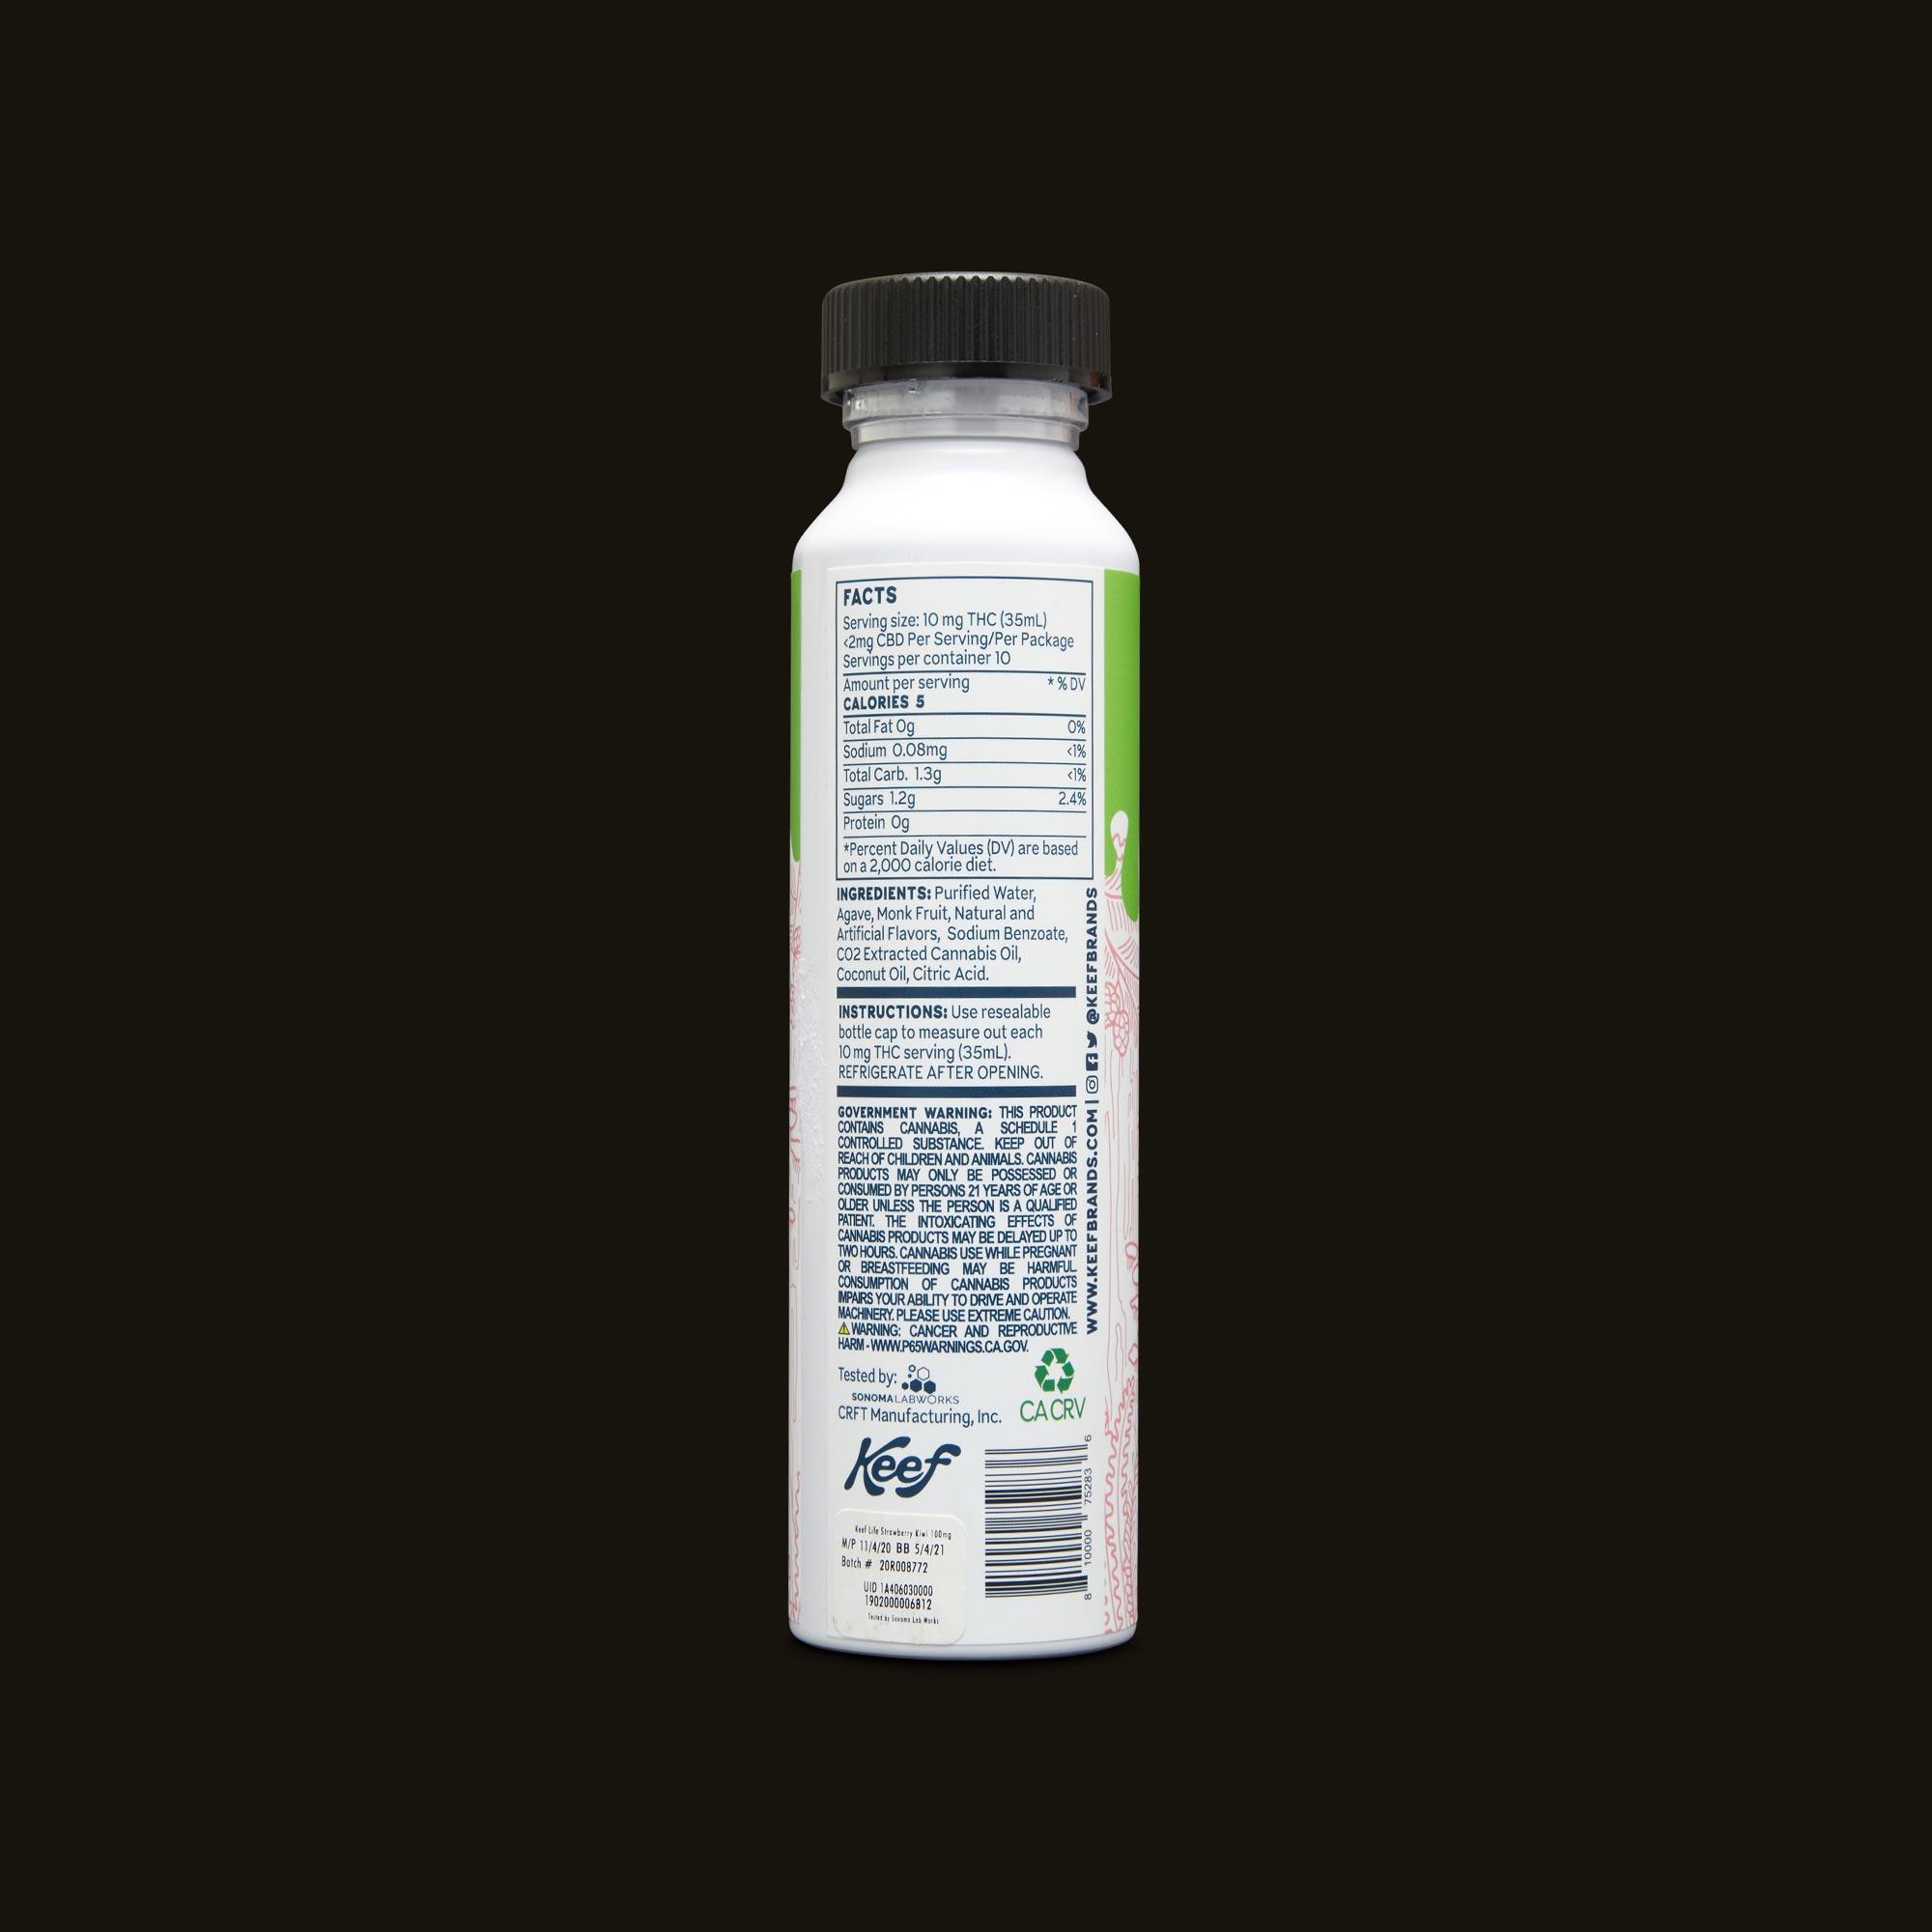 Keef Cola Strawberry Kiwi H20 Ingredients